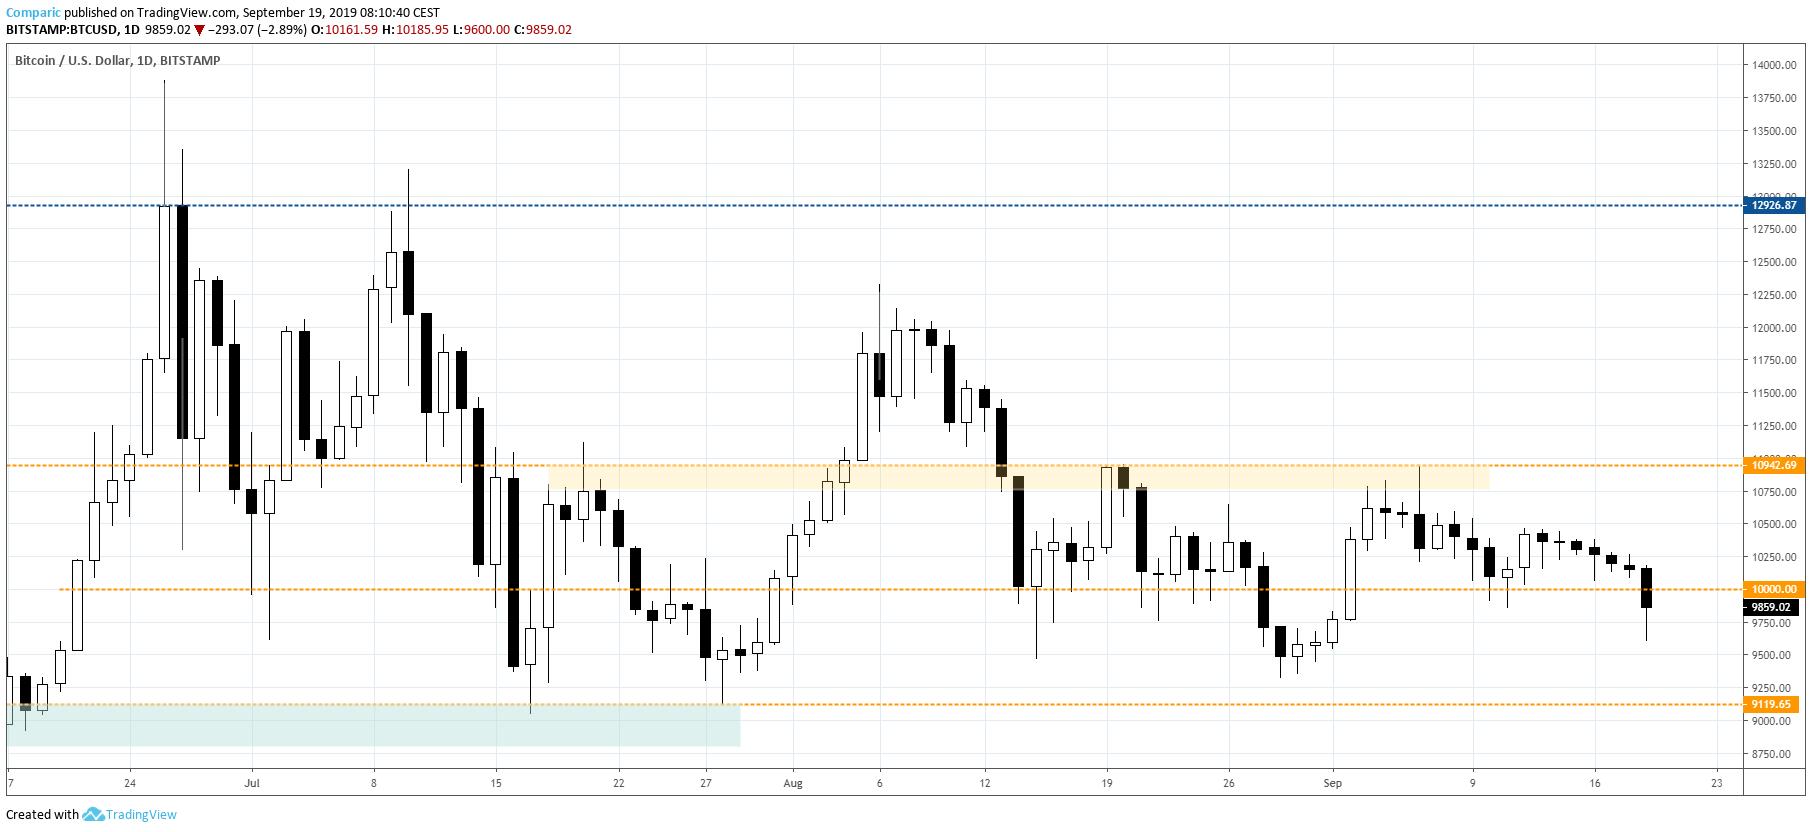 Bitcoin wybija w czwartek ważną strefę wsparcia. Źródło: Tradingview.com